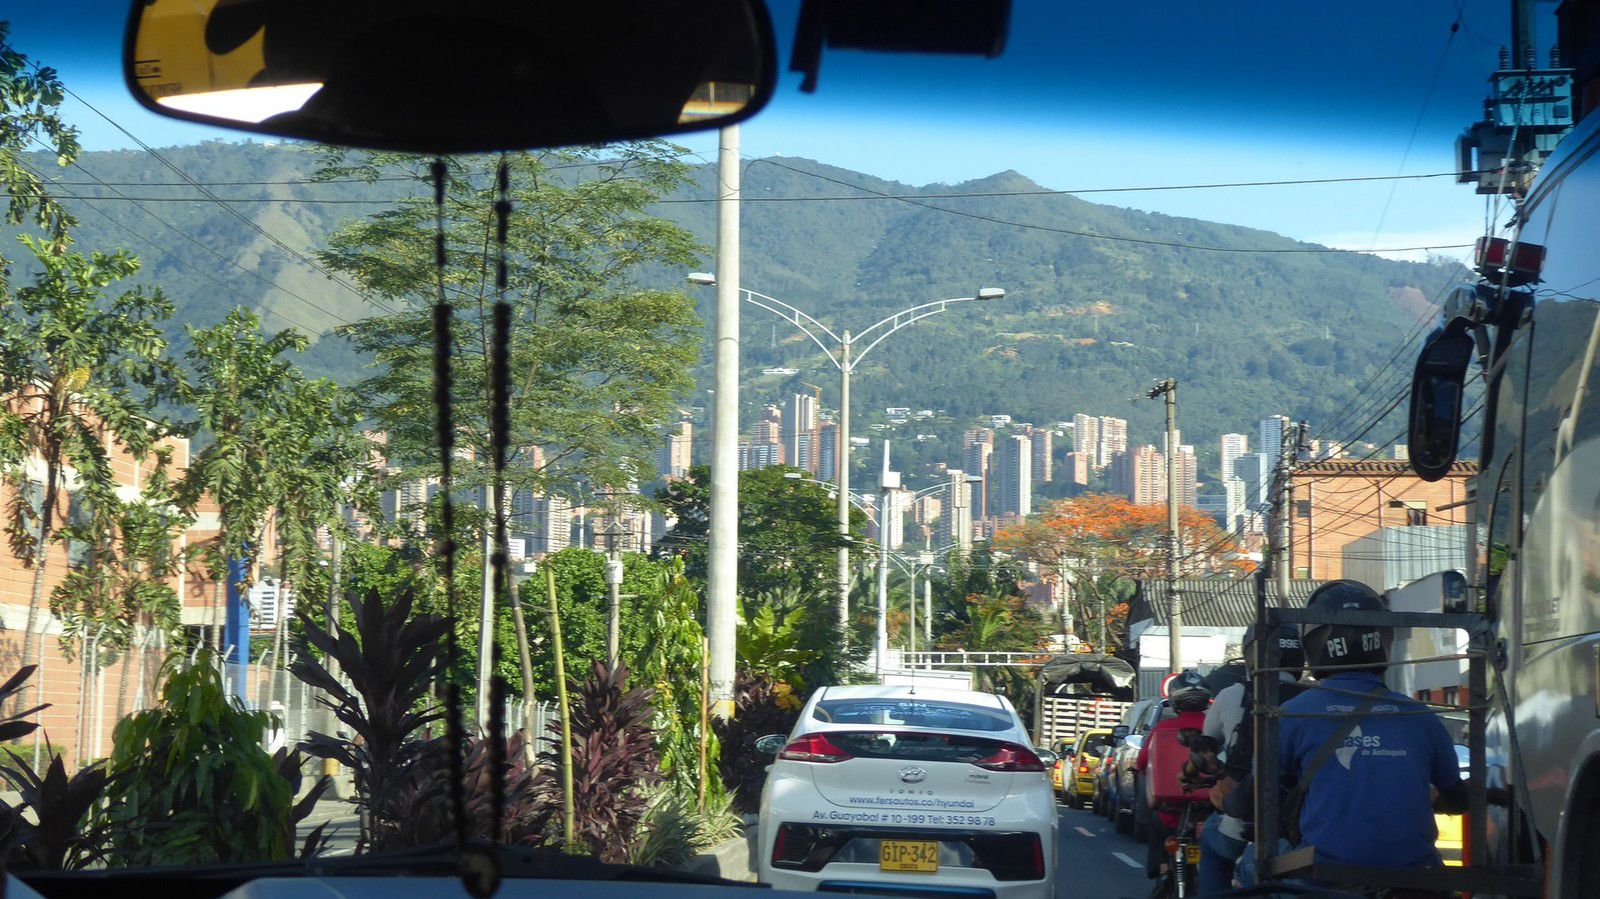 J27 - Mardi 14 Janvier 2020 - Arrivée à Medellin